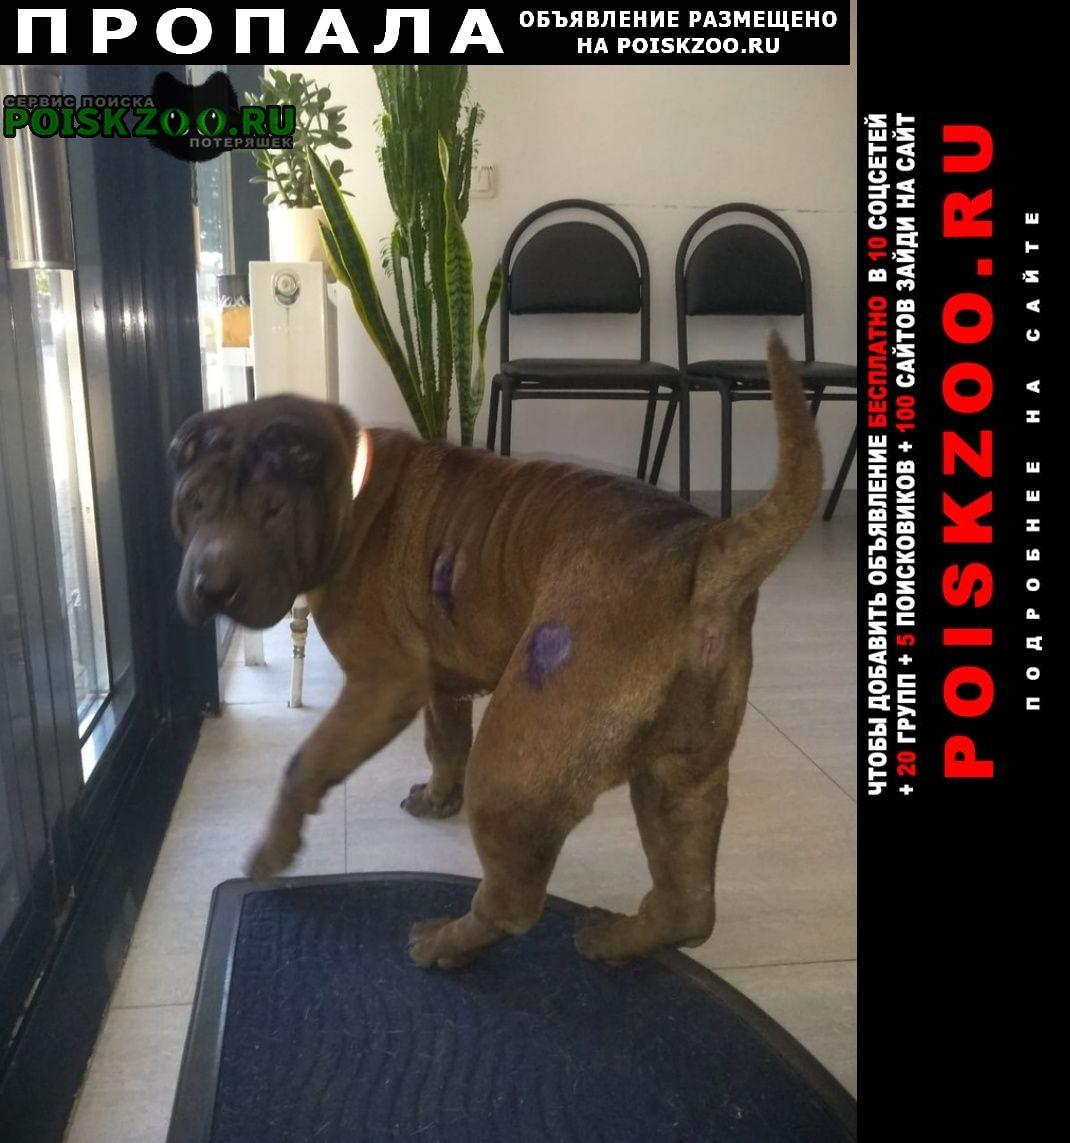 Пропала собака шарпей шоколадного цвета Краснозаводск